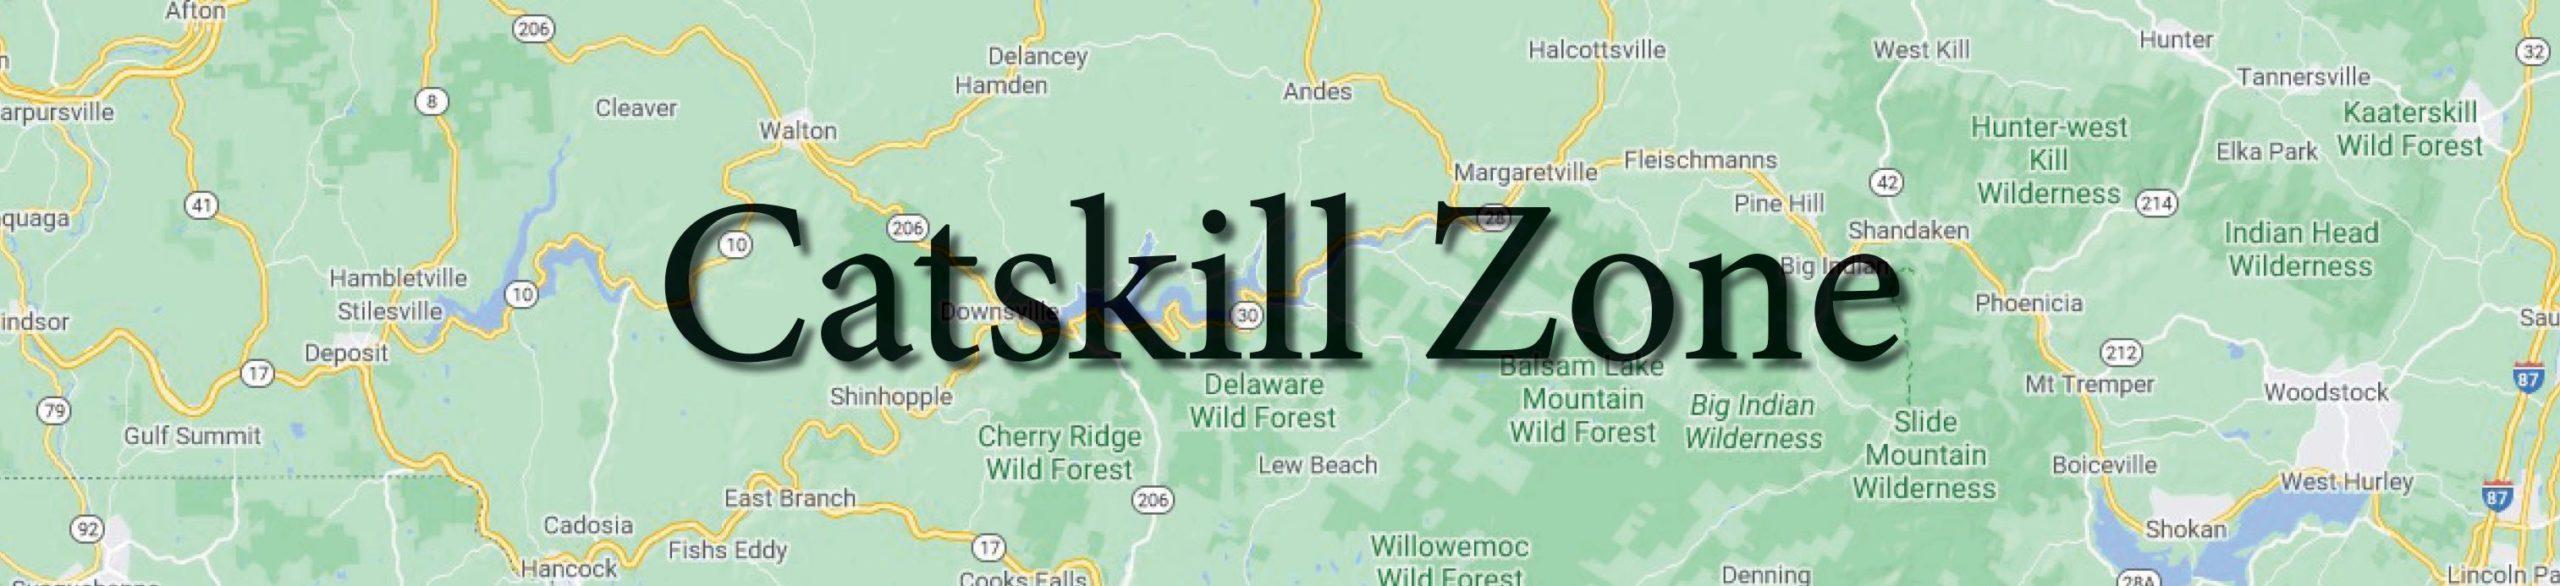 1920x440px Catskill Zone